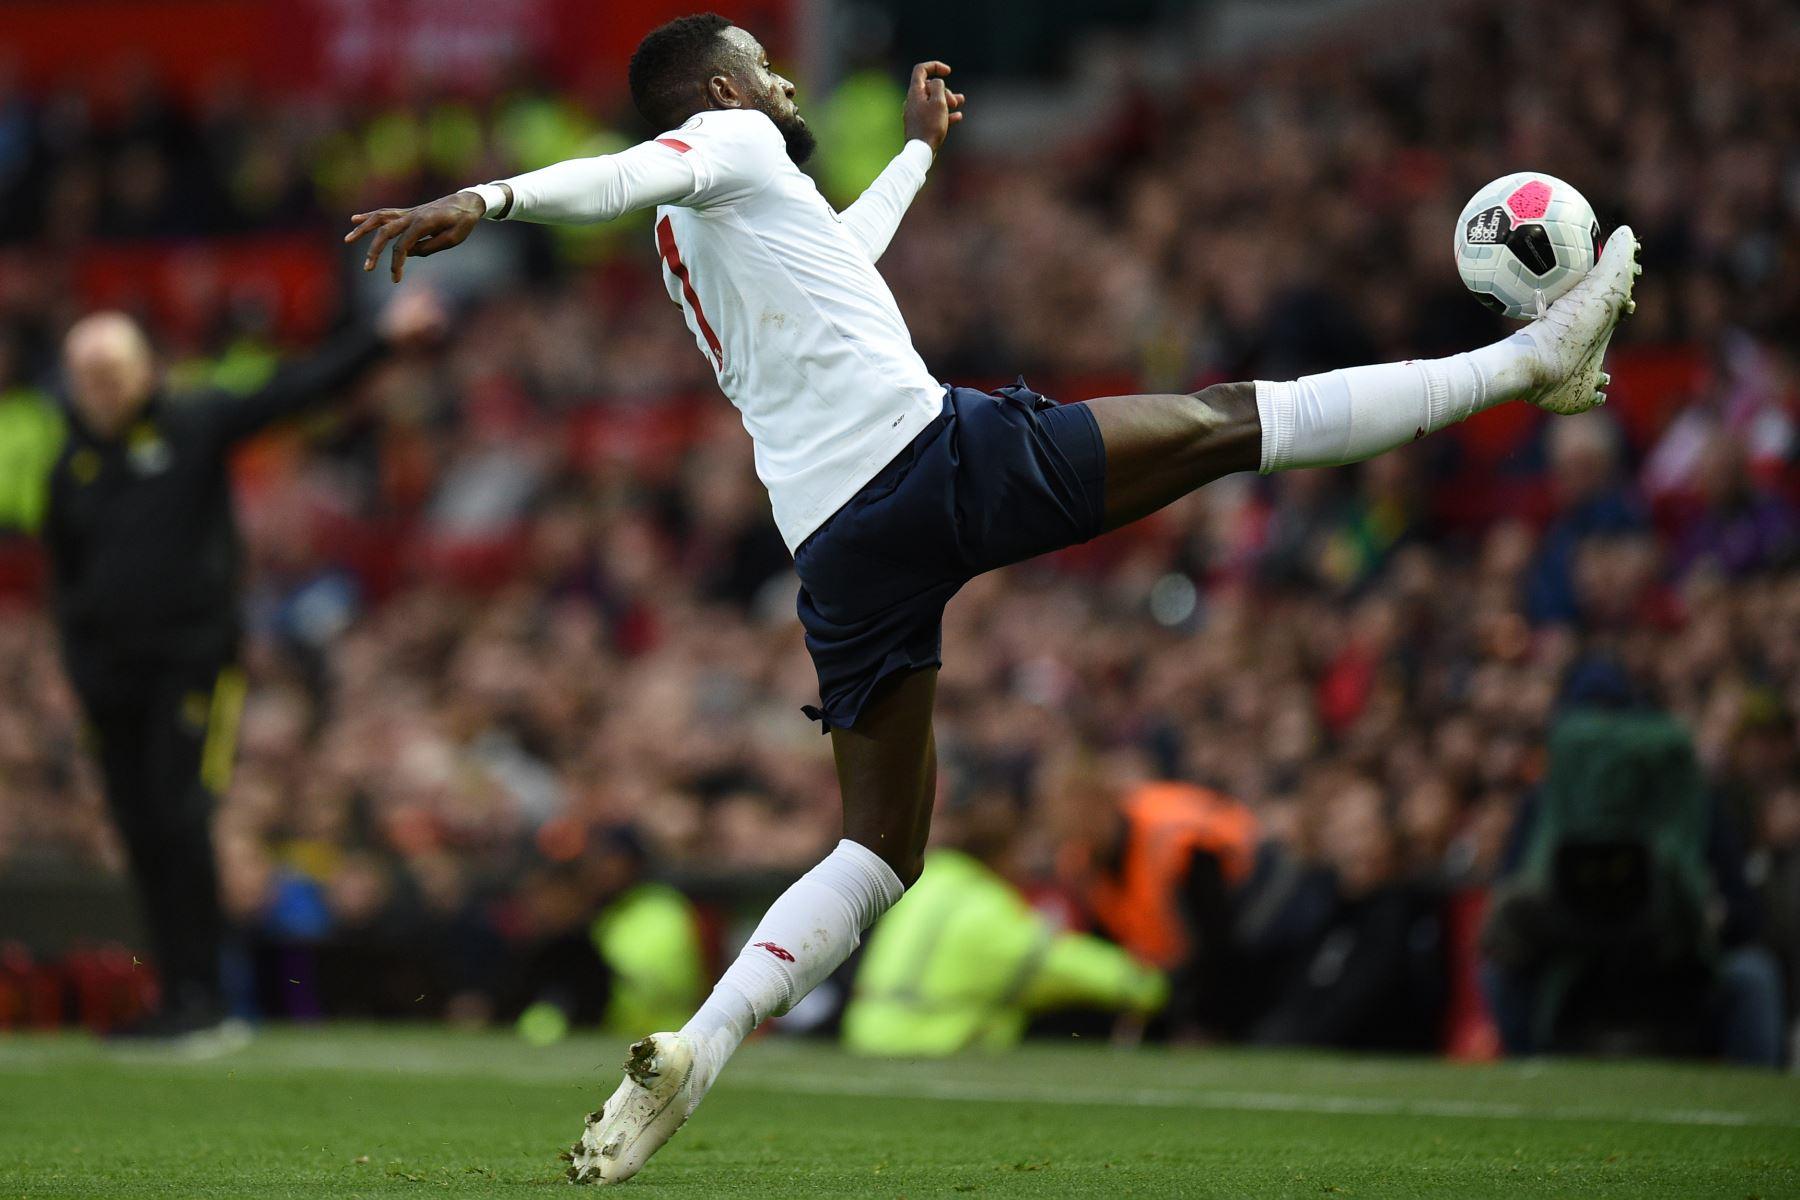 El delantero belga de Liverpool, Divock Origi, controla el balón durante el encuentro contra Liverpool por Premier League. Foto: AFP